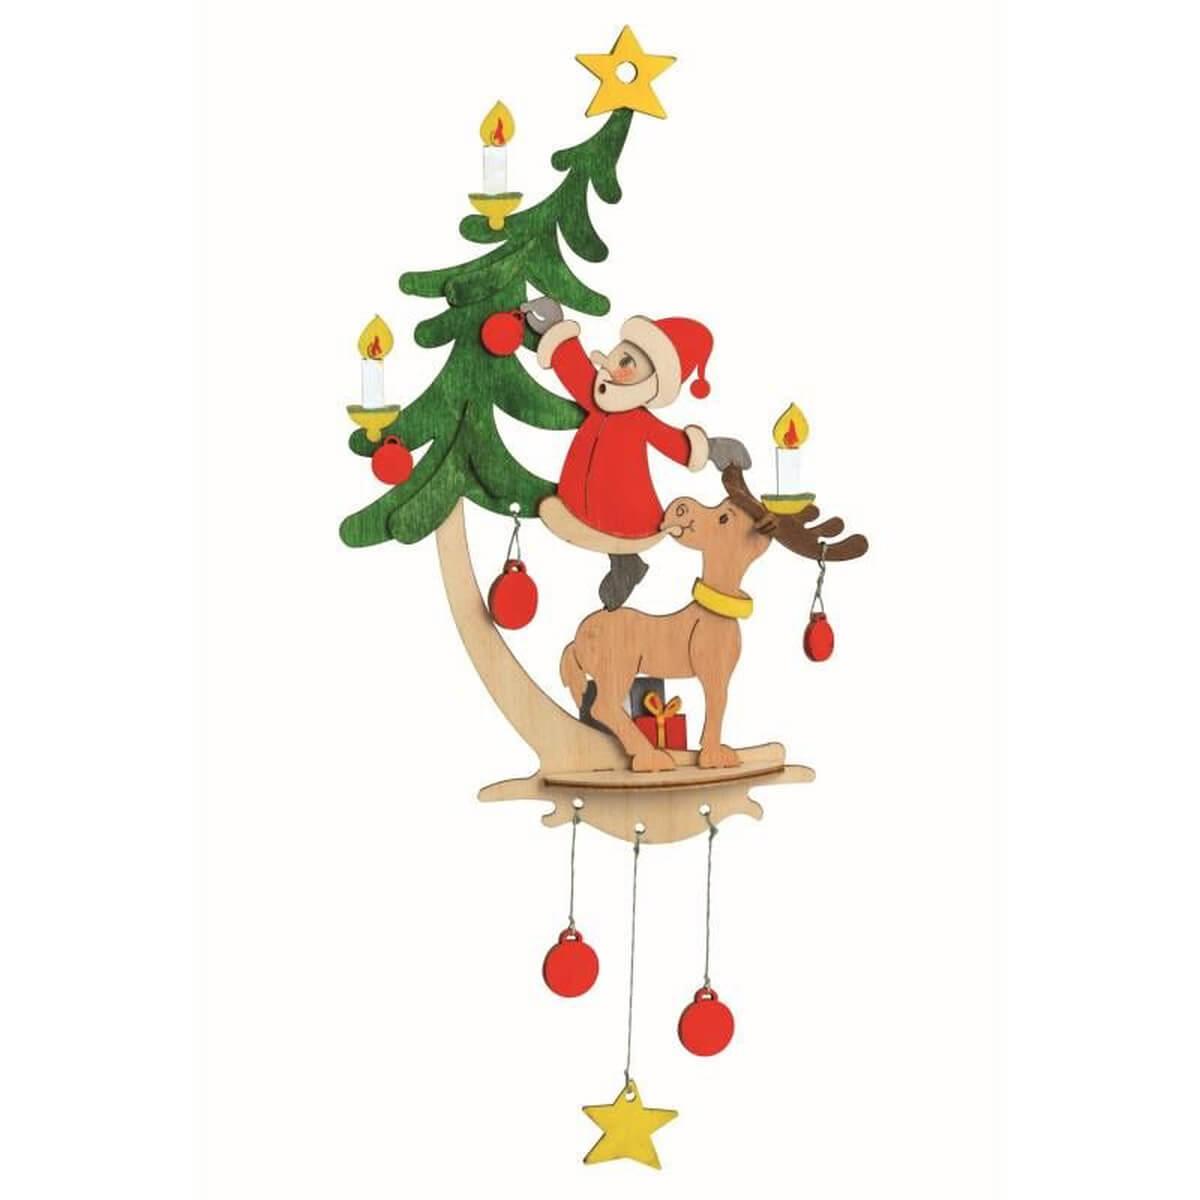 Bastelset Fensterbild Weihnachtsmann mit Elch Kuhnert 10191